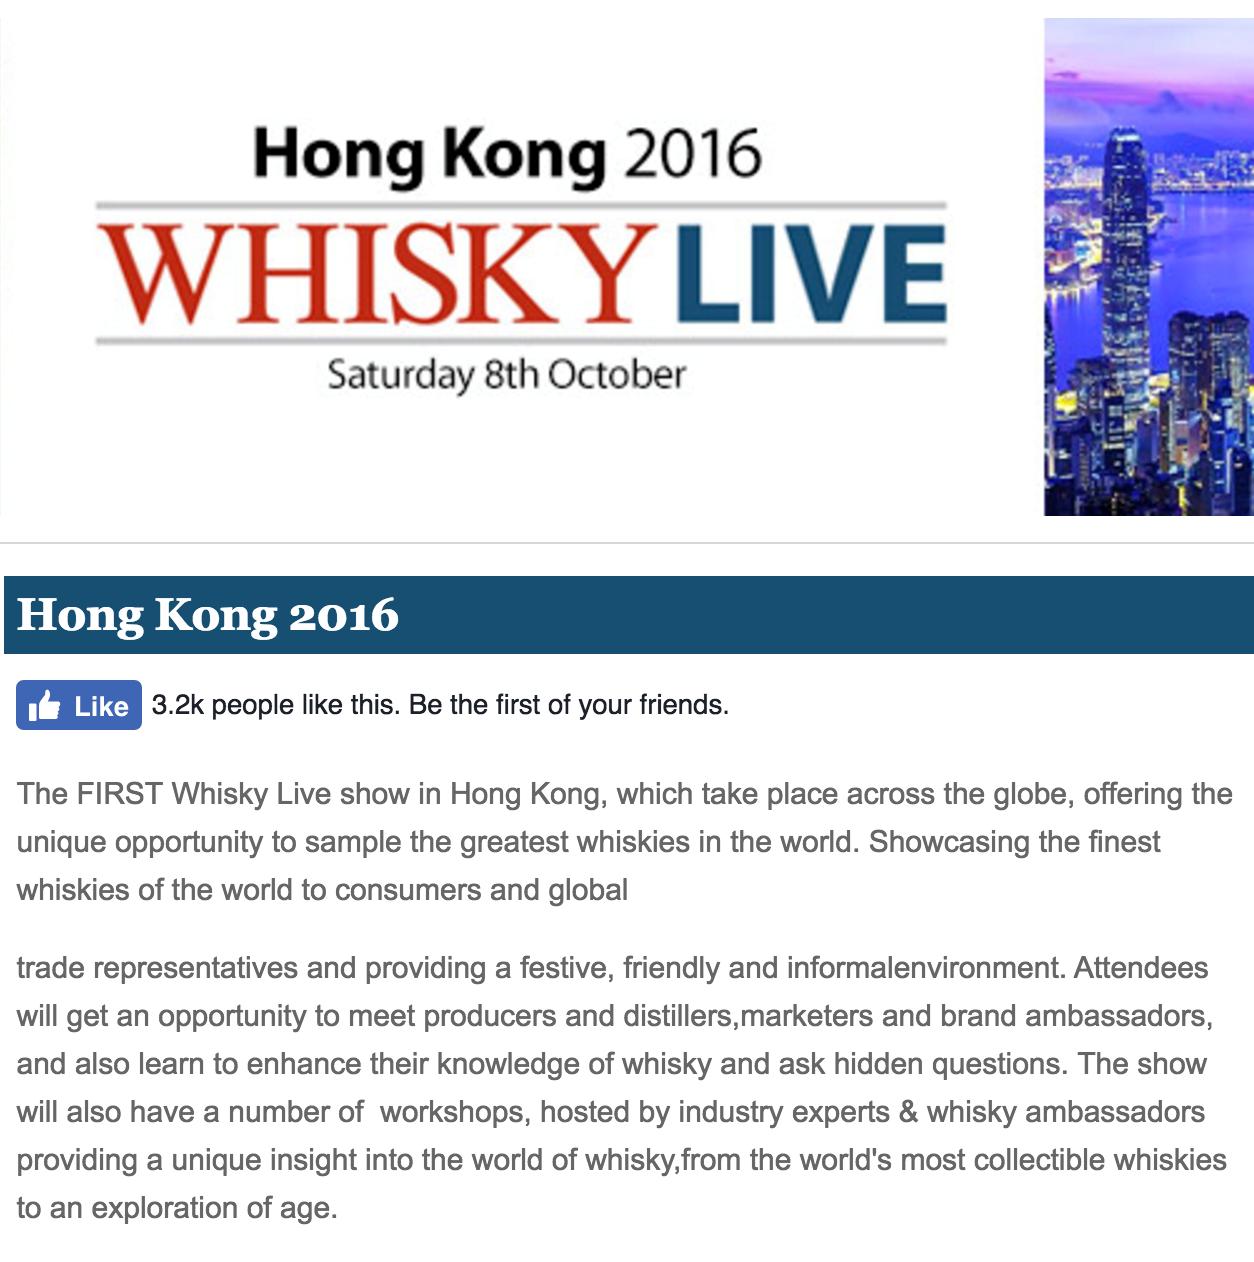 whisky-live%e5%ae%98%e7%b6%b2%e6%88%aa%e5%9c%96